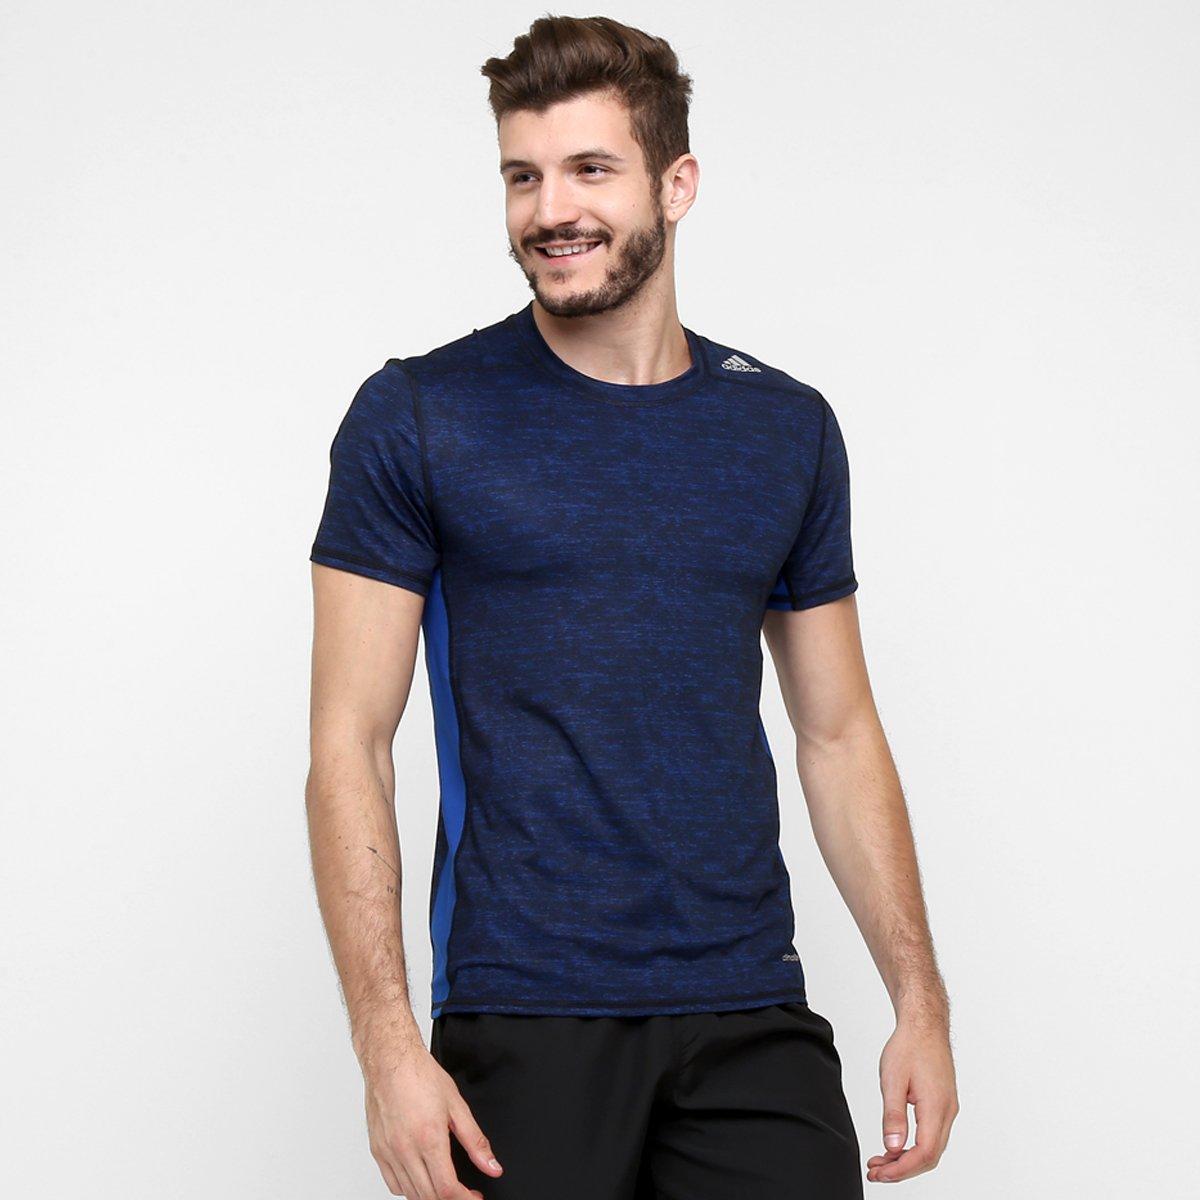 727d84cd26cae Camiseta de Compressão Adidas Tf Base Fitted Masculina - Compre Agora